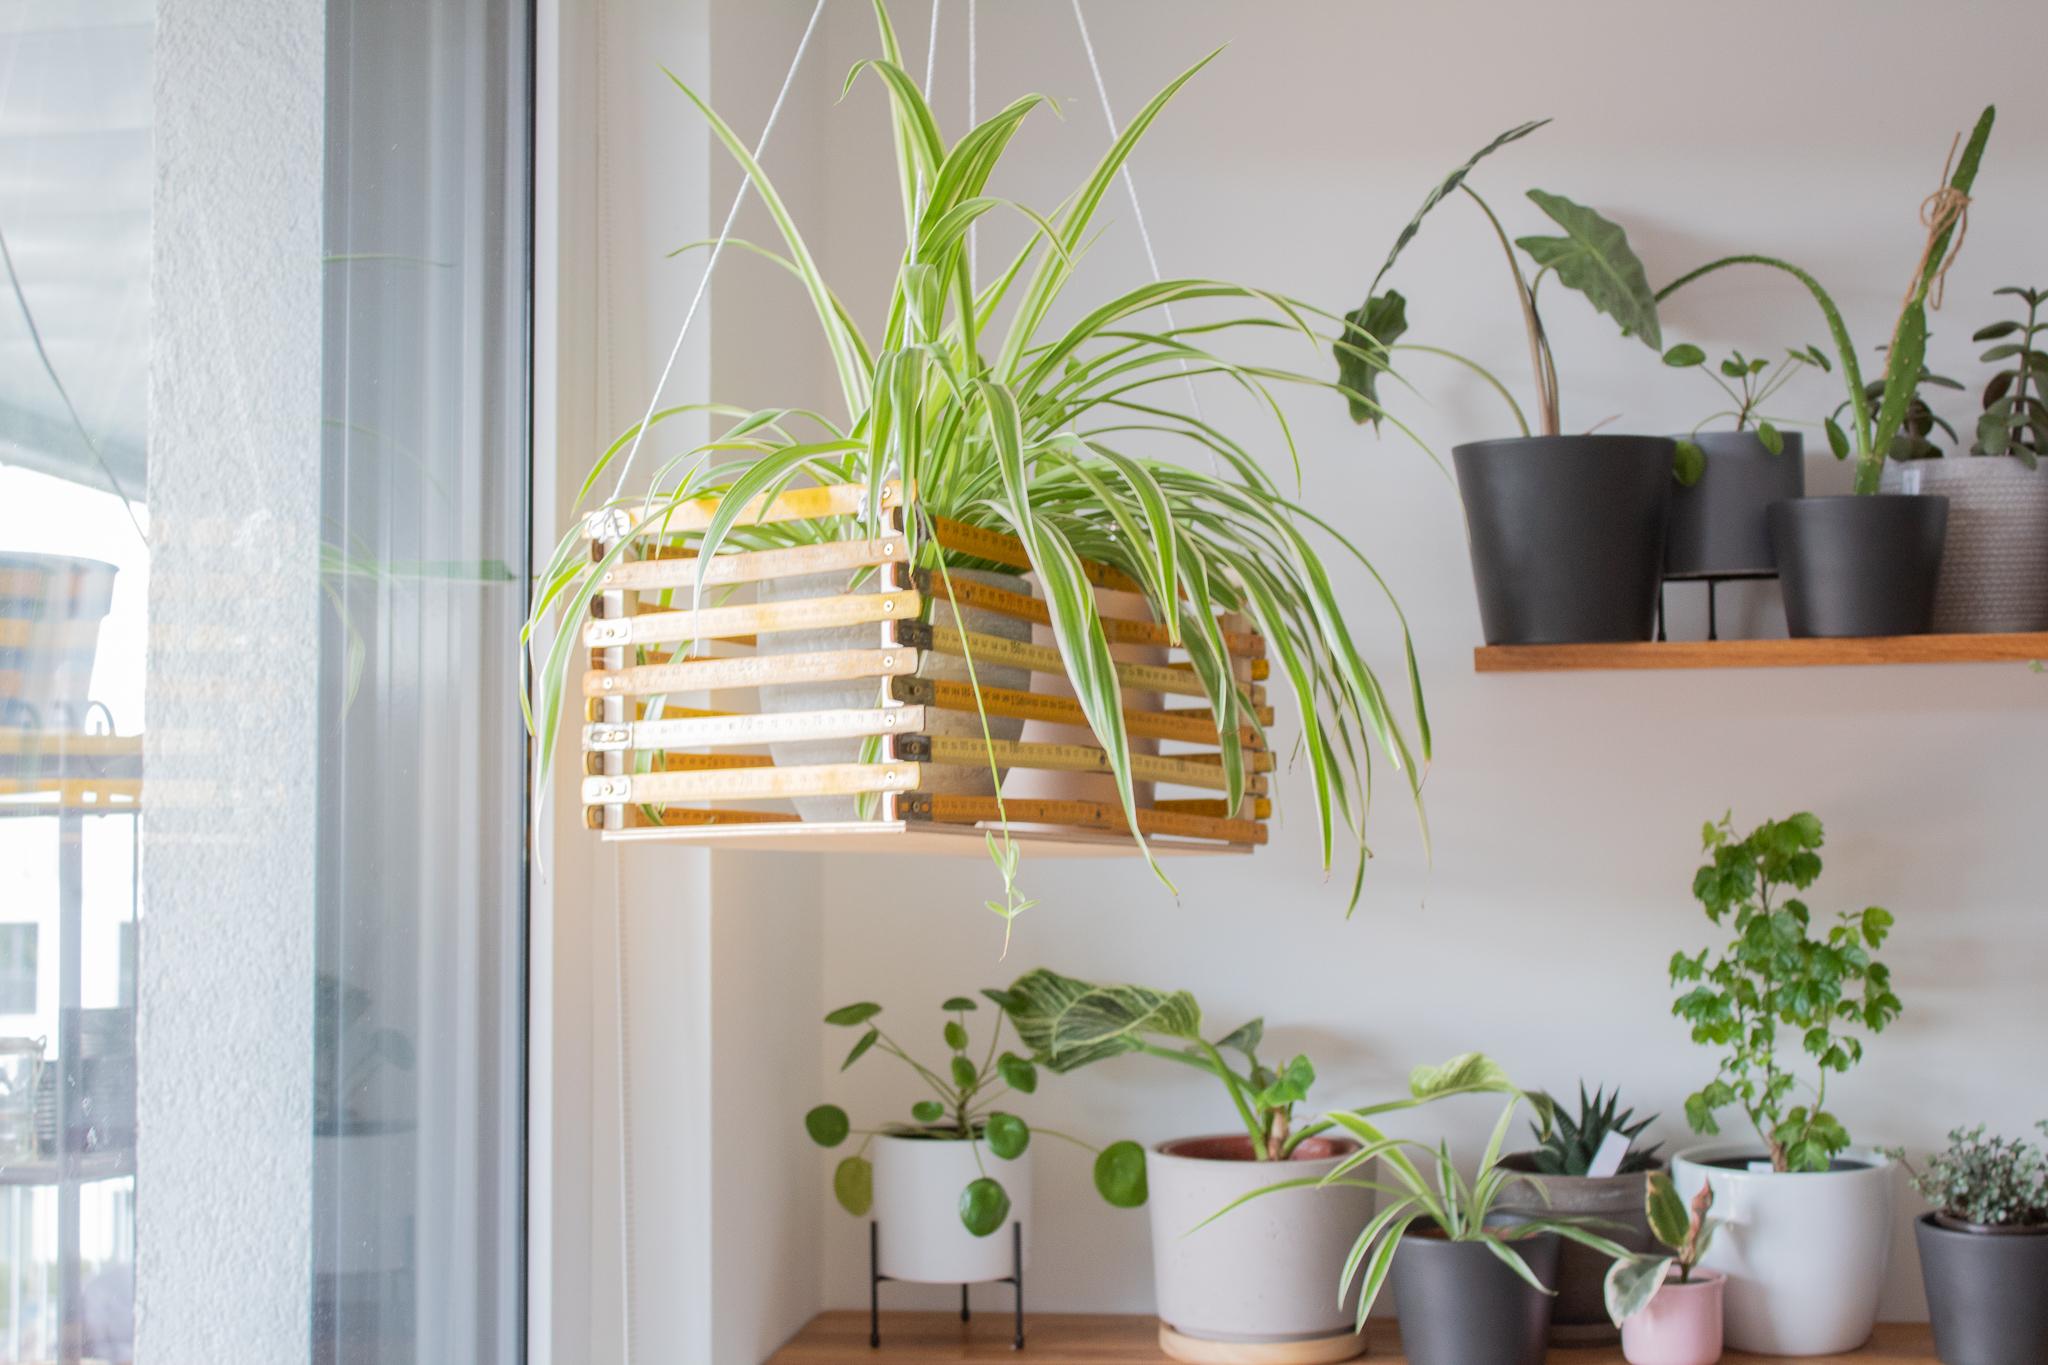 DIY-Zollstock-Blumenampel selber basteln